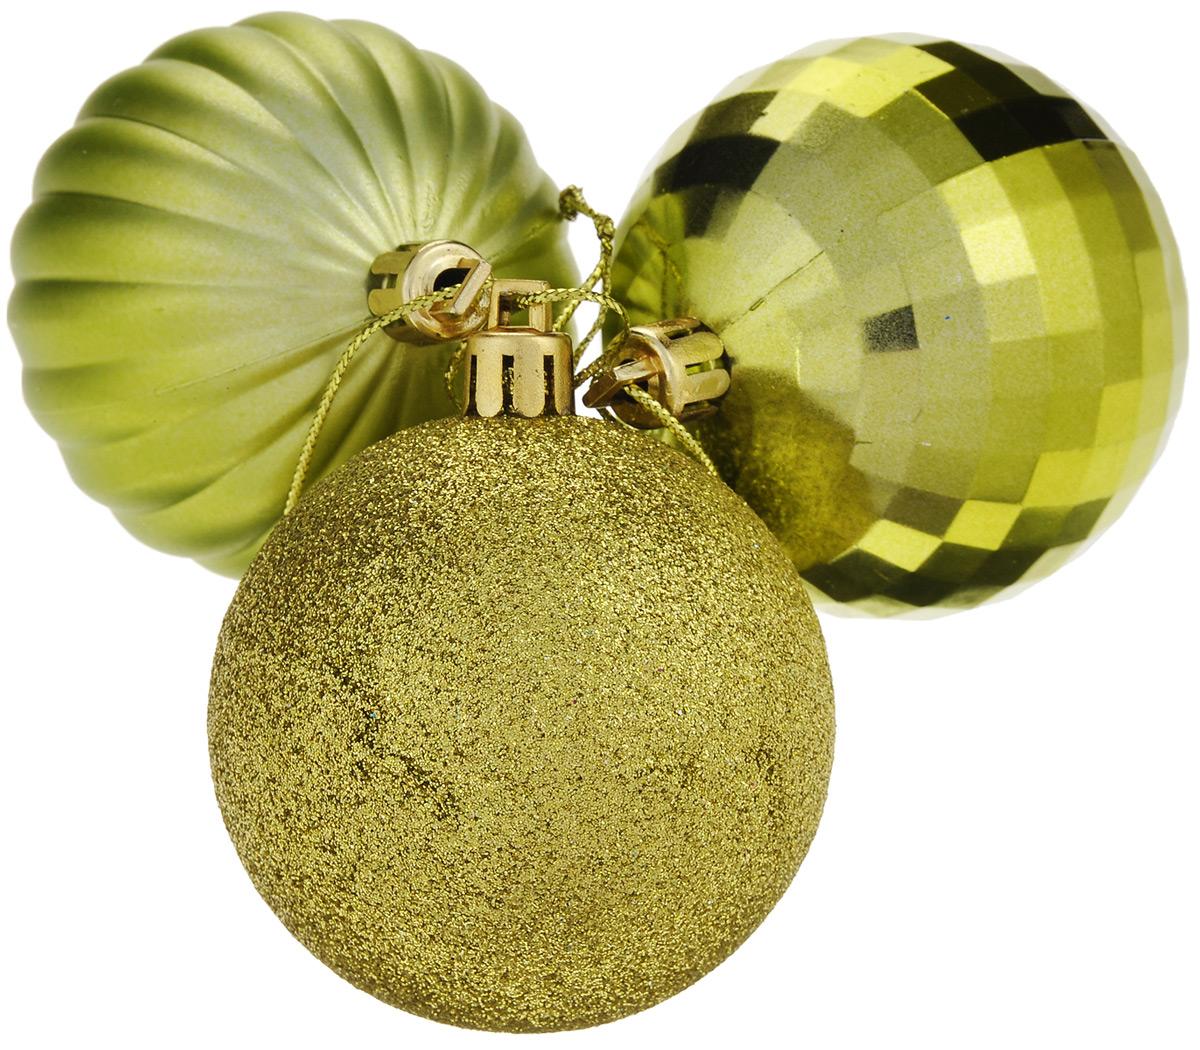 Набор елочных украшений EuroHouse, цвет: желтый, диаметр 6 см, 3 штЕХ10989_желтыйНабор EuroHouse отлично подойдет для декора праздничной ели. В наборе 3 новогодних елочных игрушки, выполненных из пластика в форме шаров с различным дизайном. Игрушки оснащены петельками для подвешивания. Елочная игрушка - символ Нового года. Она несет в себе волшебство и красоту праздника. Создайте в своем доме атмосферу веселья и радости, украшая новогоднюю елку нарядными игрушками, которые будут из года в год накапливать теплоту воспоминаний.